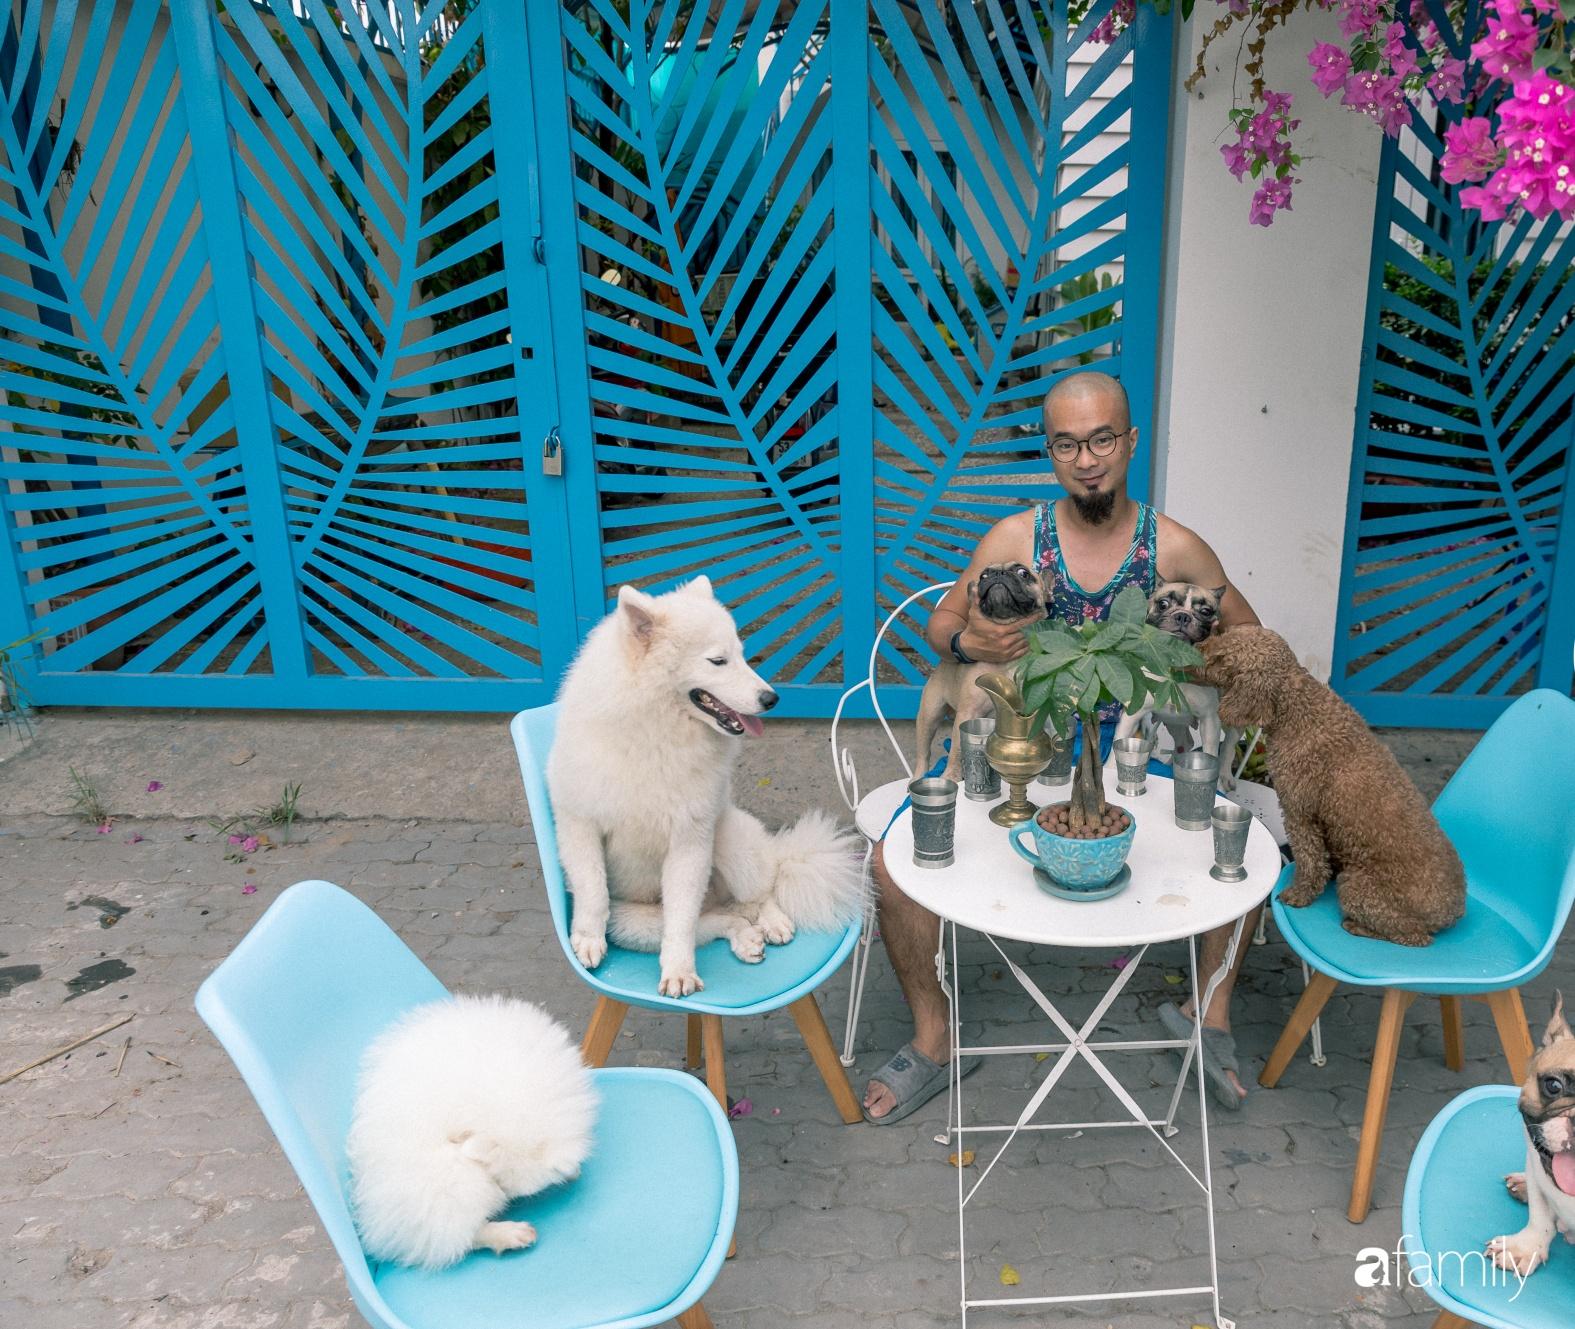 Khu vườn trước nhà xanh mát bóng cây và hoa của anh chàng dành cả thanh xuân để chăm sóc thú cưng - Ảnh 1.